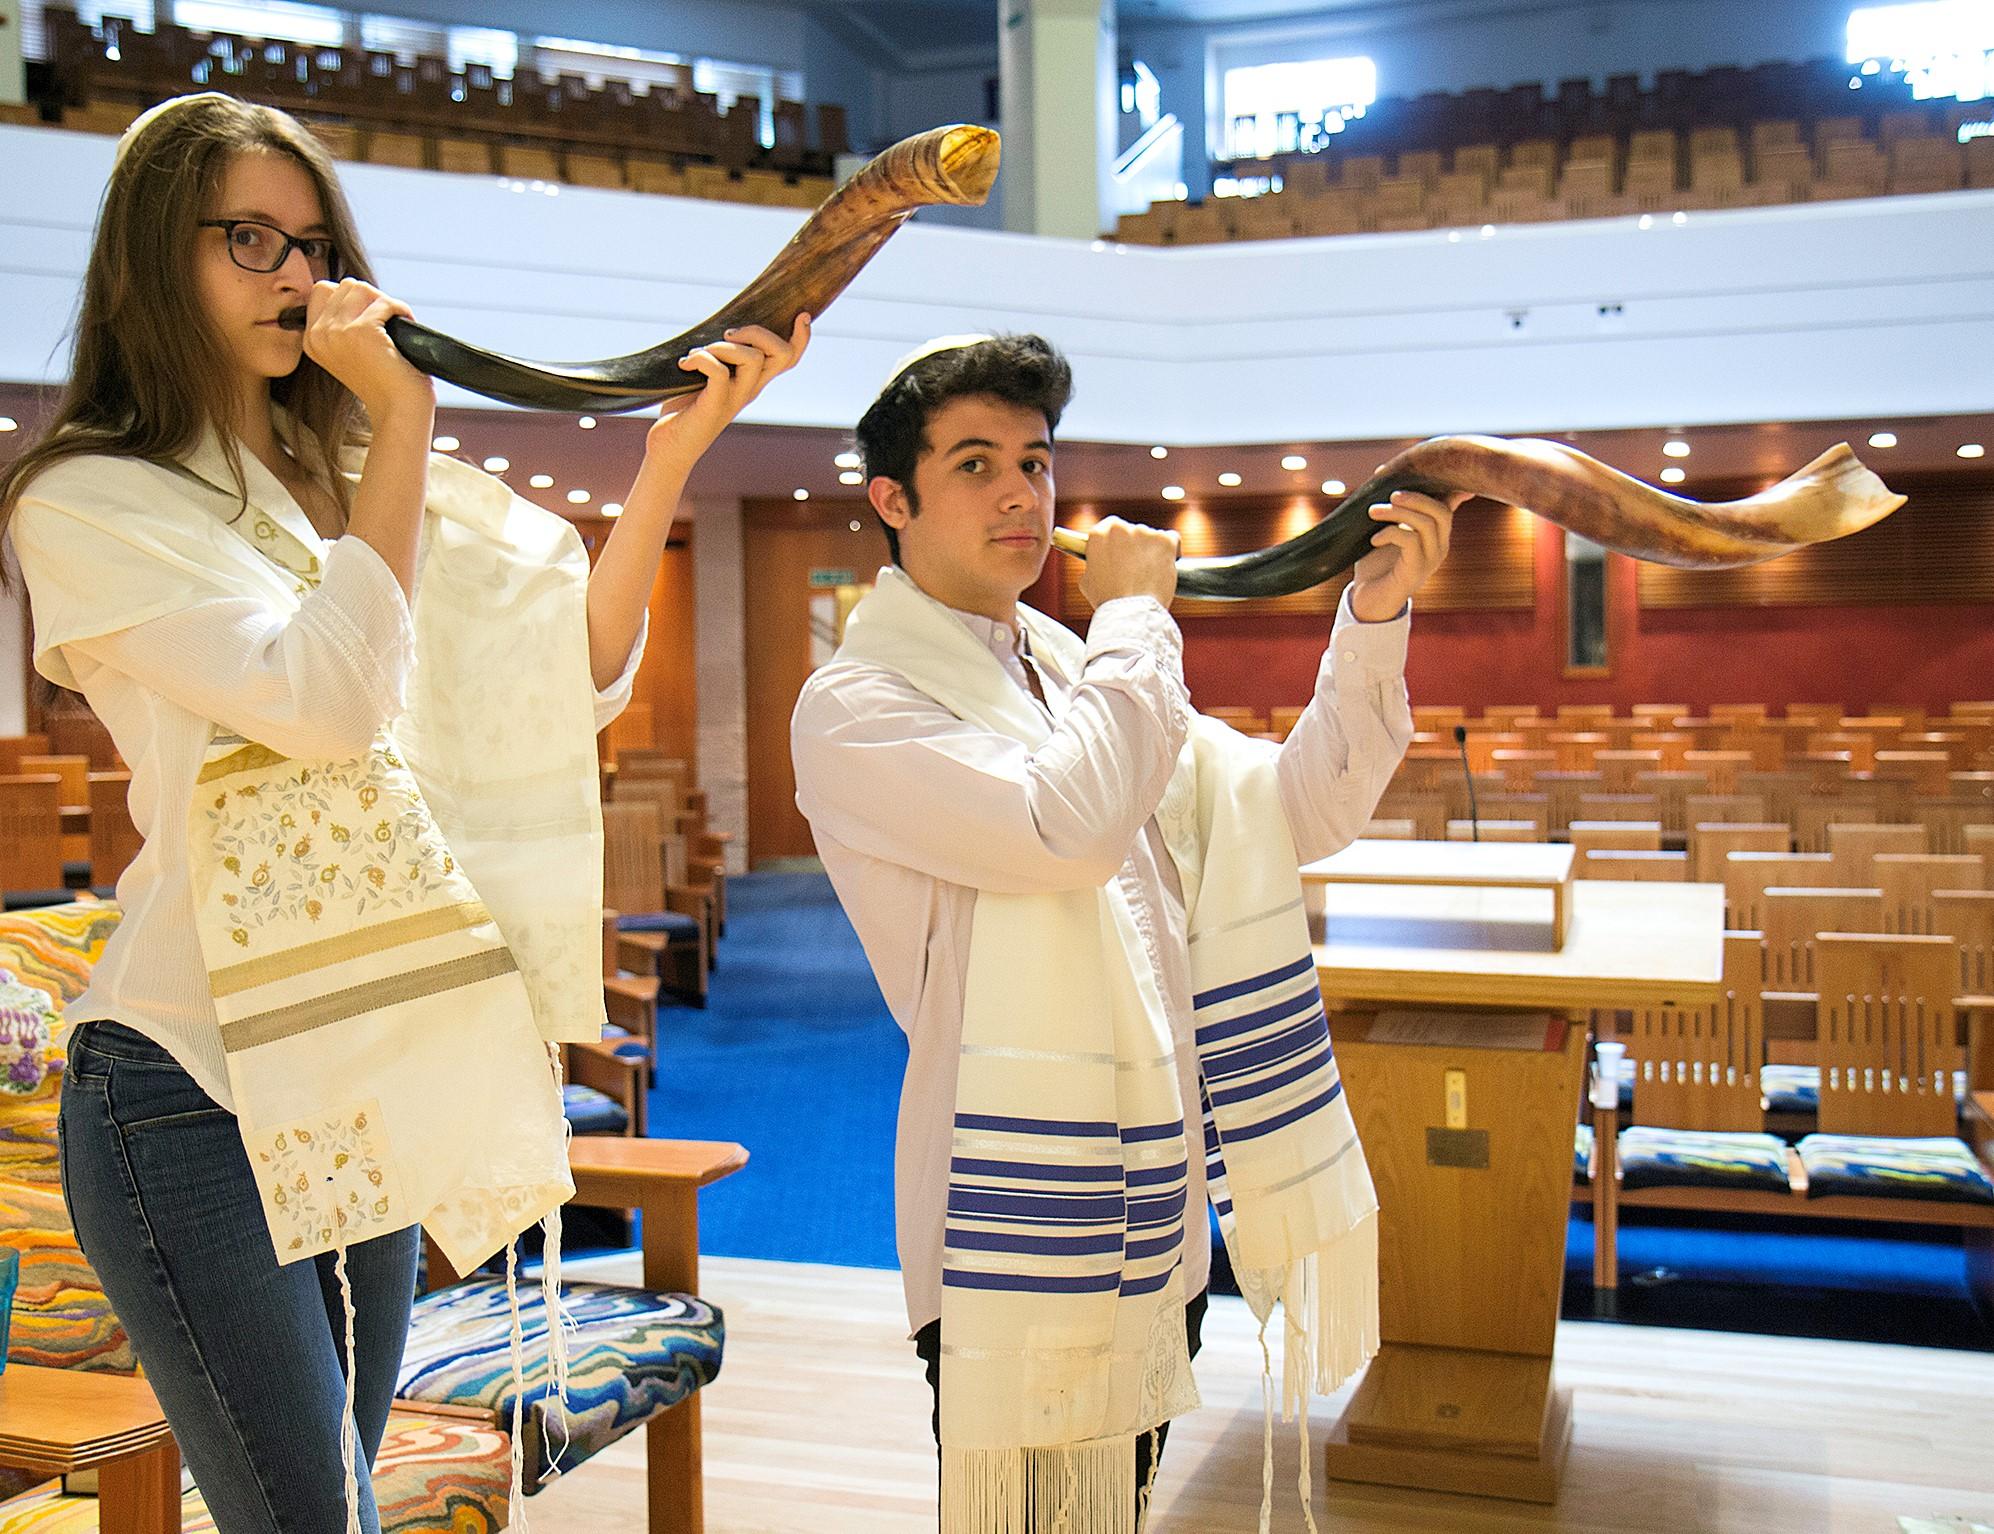 The Liberal Jewish Synagogue